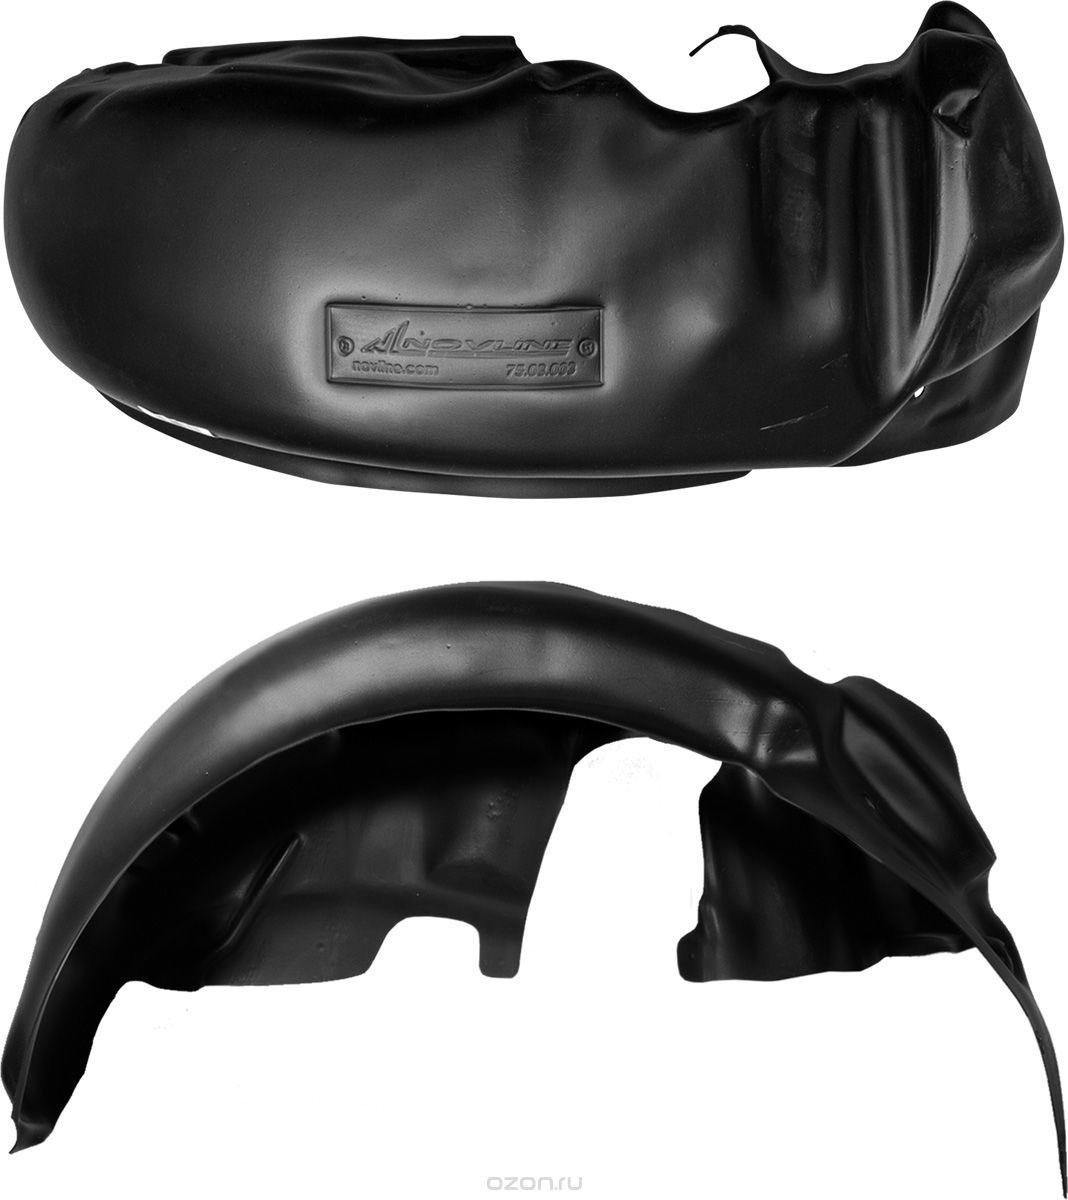 Подкрылок Novline-Autofamily, для Toyota Rav 4, 2012->, передний левыйNLL.48.53.001Идеальная защита колесной ниши. Локеры разработаны с применением цифровых технологий, гарантируют максимальную повторяемость поверхности арки. Изделия устанавливаются без нарушения лакокрасочного покрытия автомобиля, каждый подкрылок комплектуется крепежом. Уважаемые клиенты, обращаем ваше внимание, что фотографии на подкрылки универсальные и не отражают реальную форму изделия. При этом само изделие идет точно под размер указанного автомобиля.